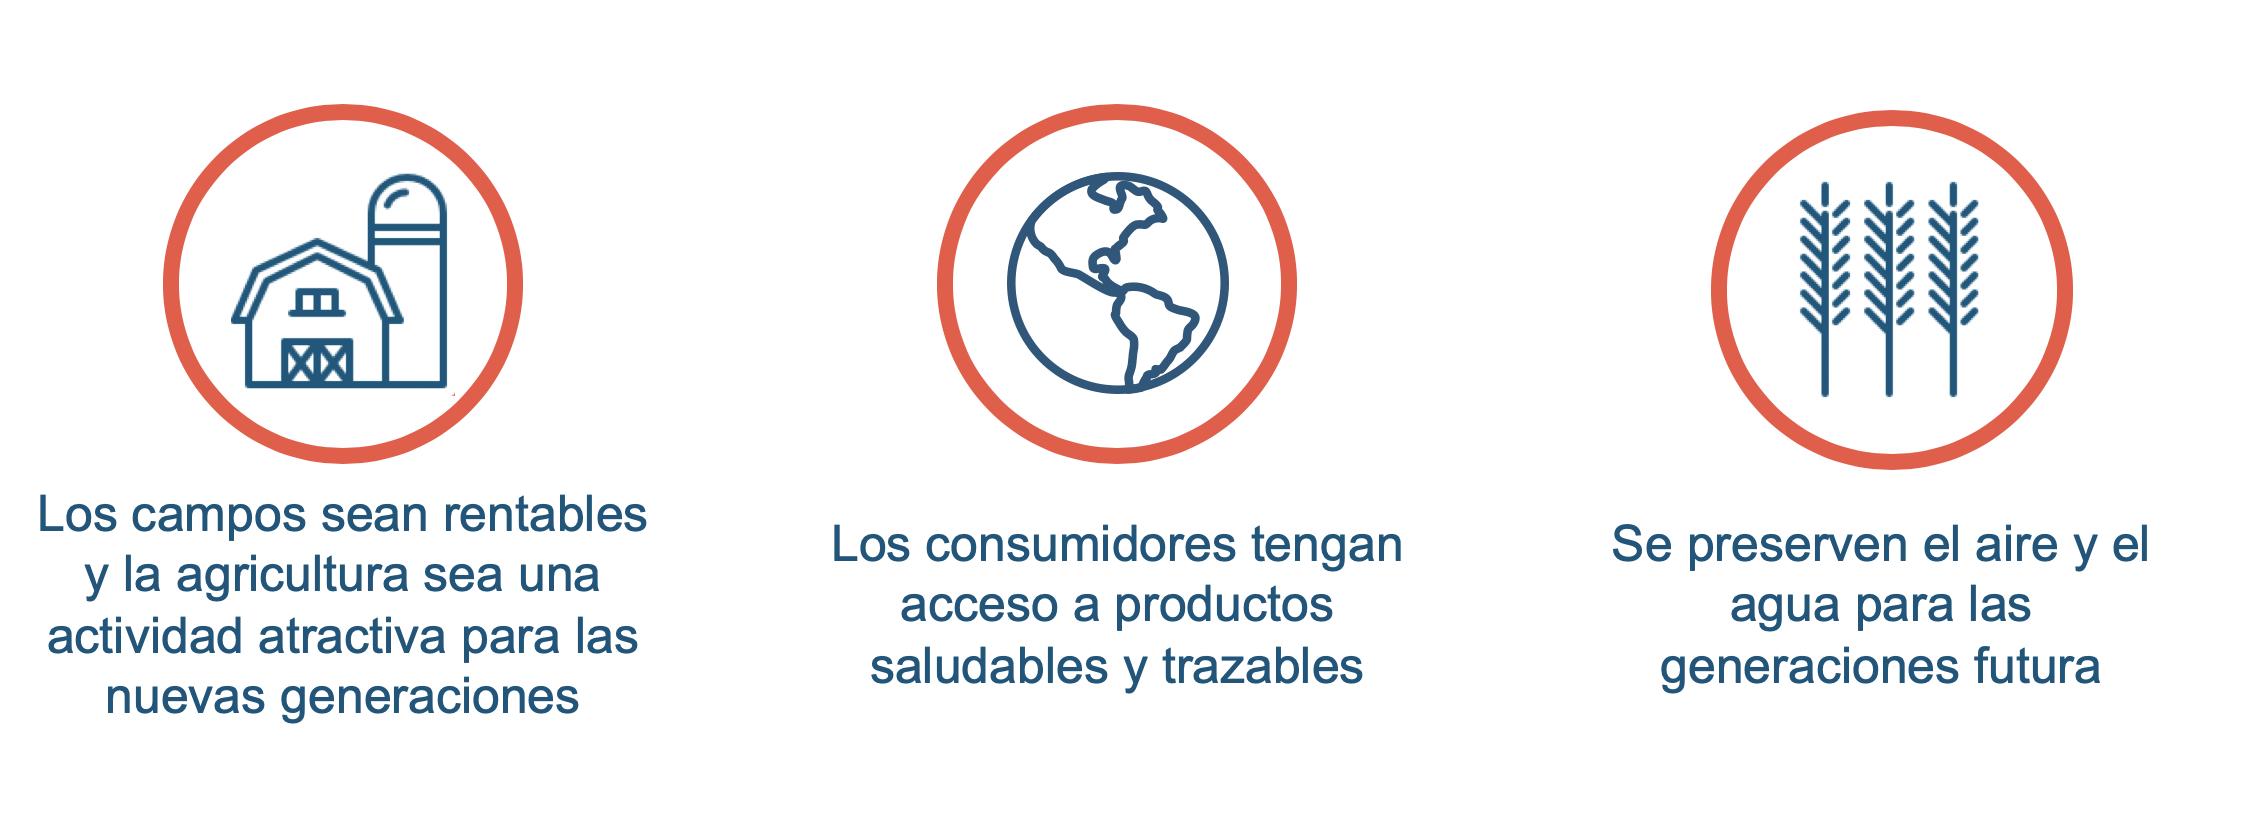 Argentina values statement